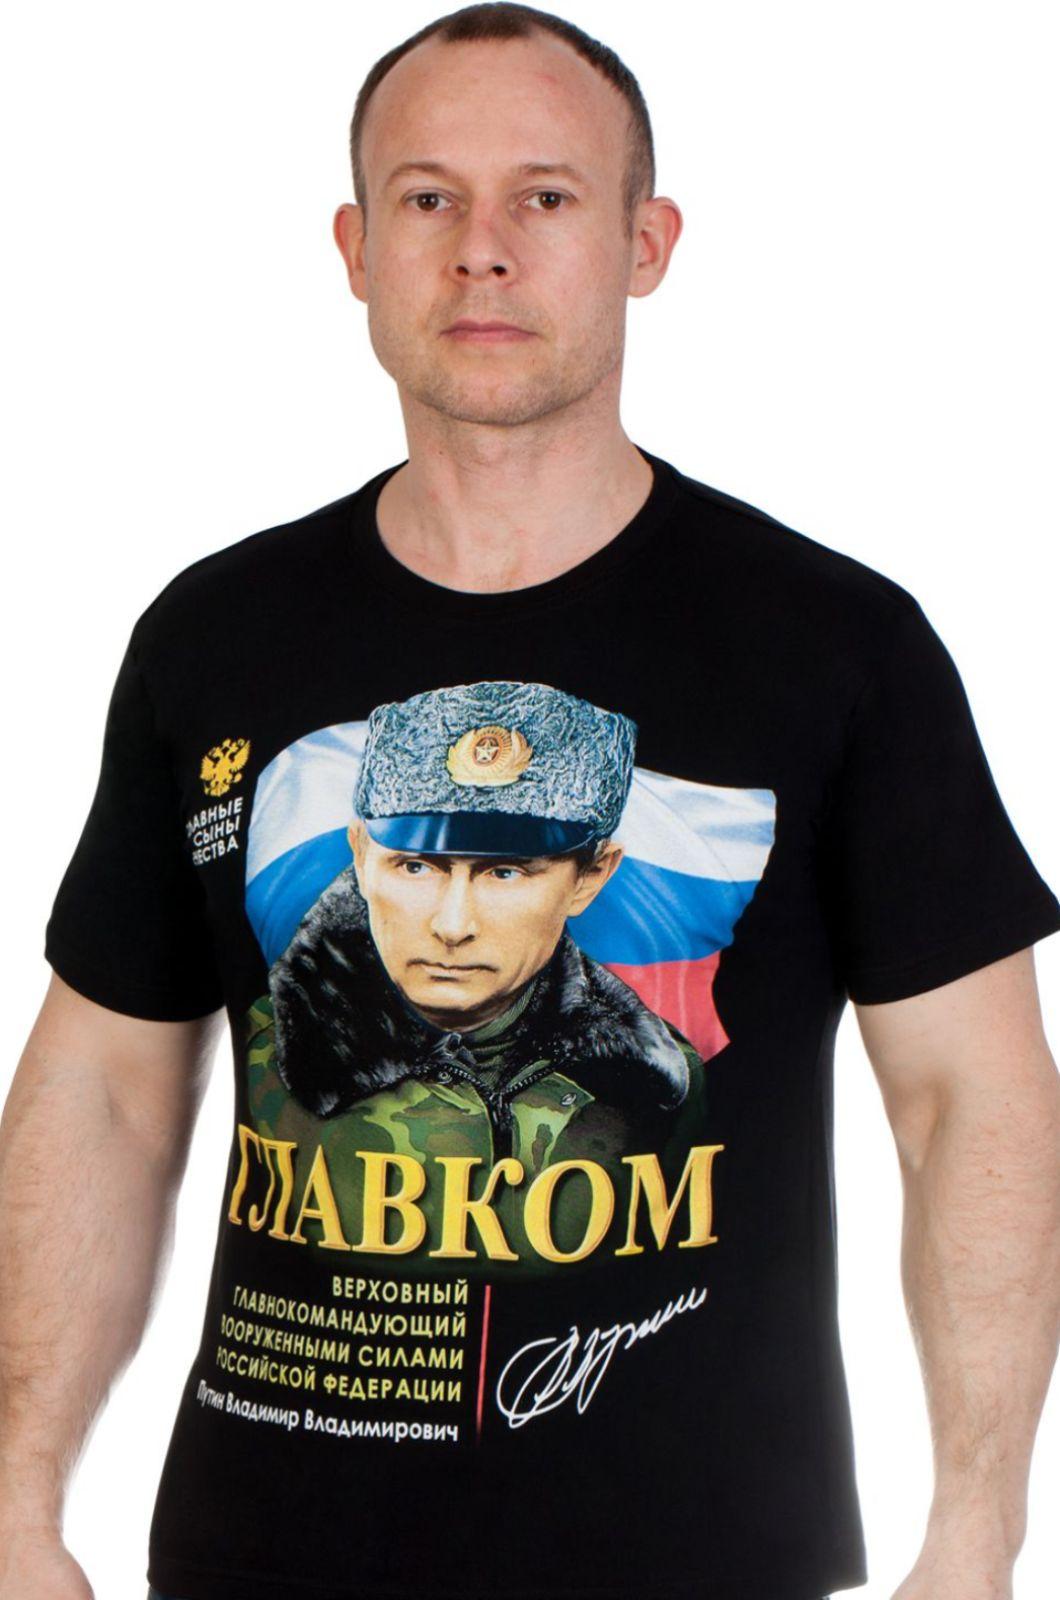 """Чёрная футболка с фото Путина и надписью: """"Главком"""""""